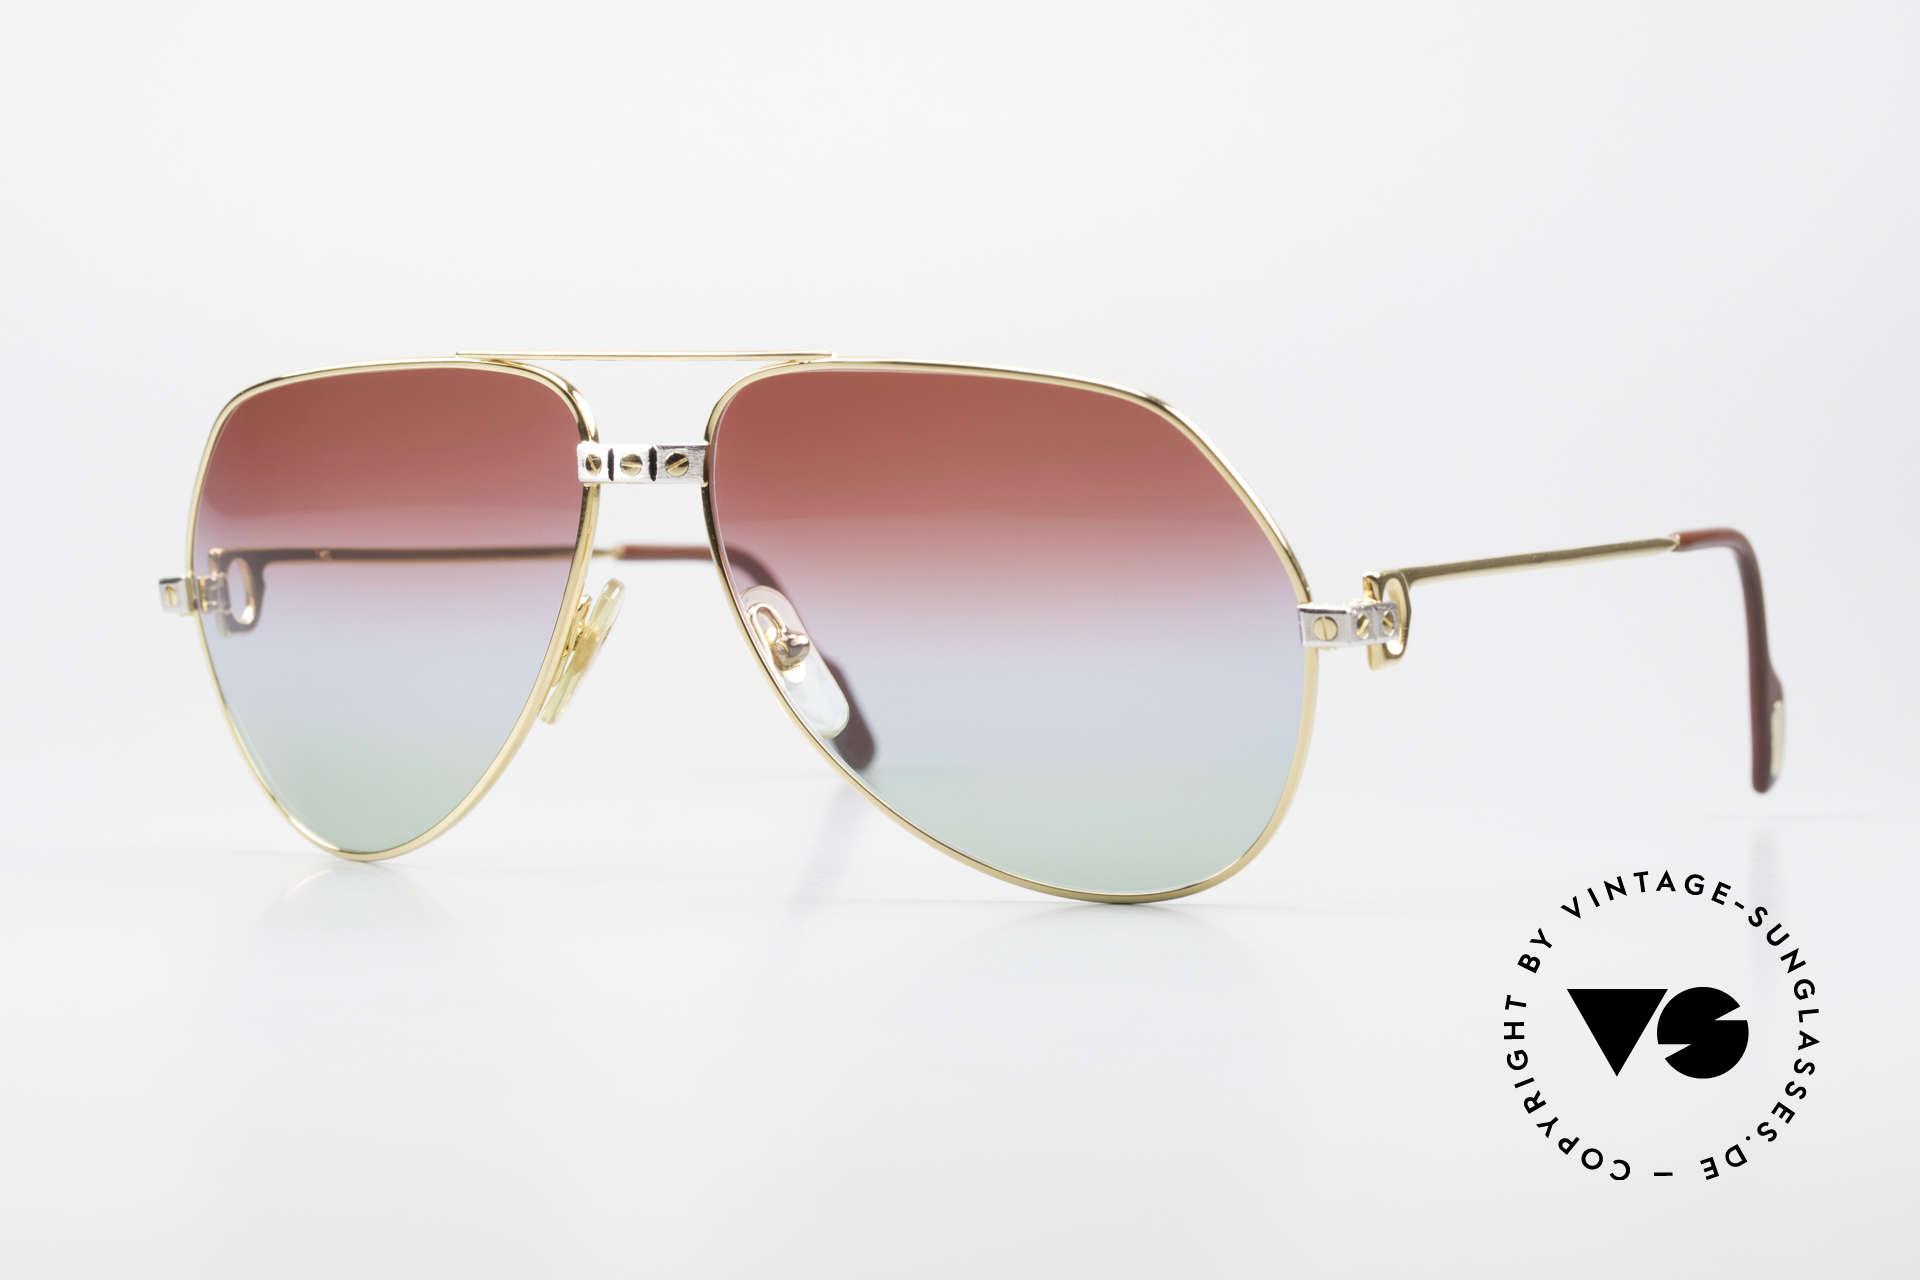 Cartier Vendome Santos - L Unique Bordeaux Polar Lights, 1980's CARTIER Vendome SANTOS aviator sunglasses, Made for Men